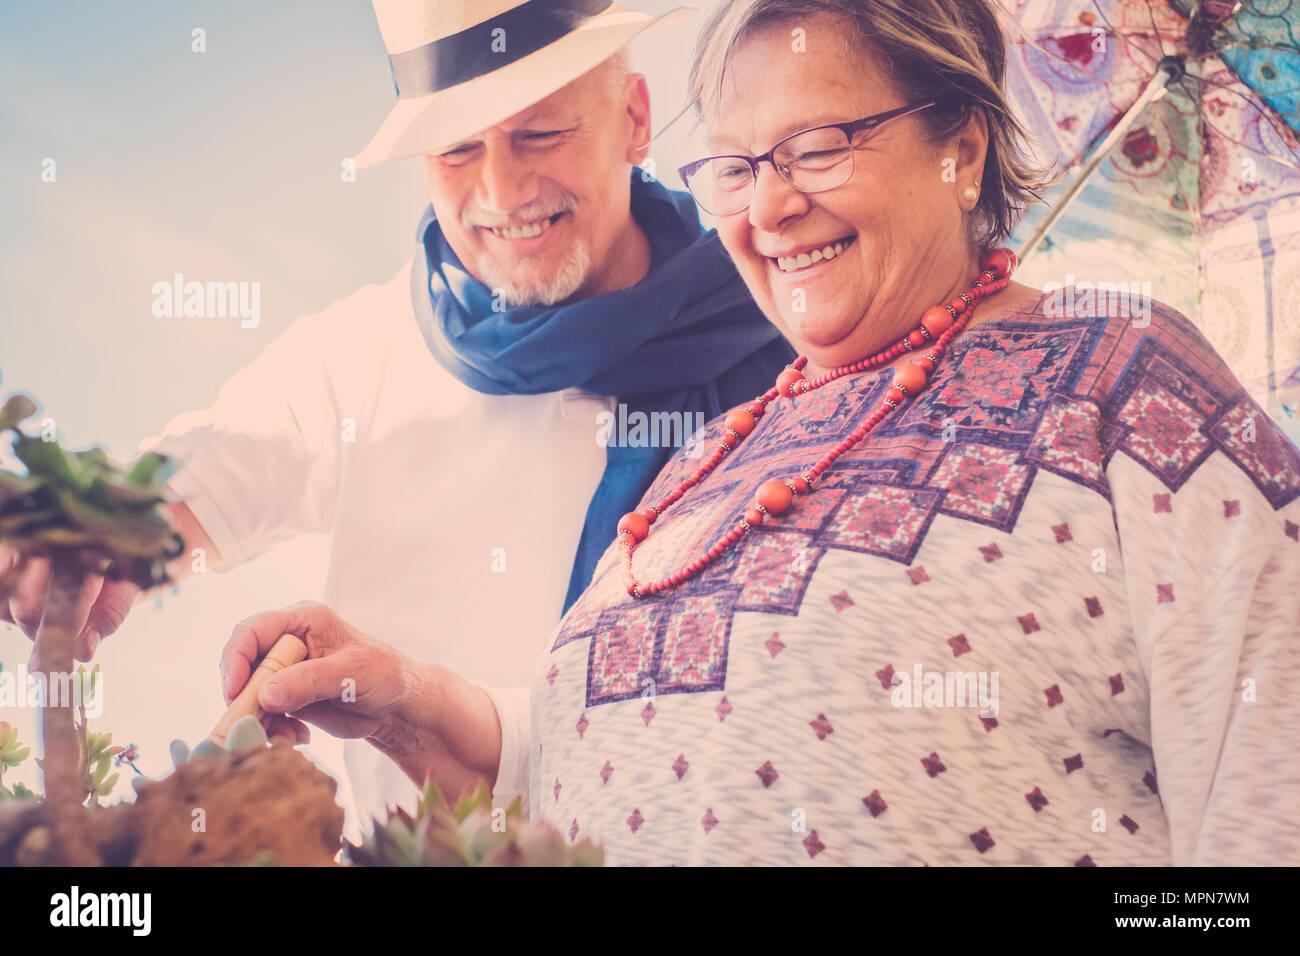 Senior l uomo e la donna anziana prendersi cura delle piante all'aperto con ippy abiti vintage e filtro per un look rétro Immagini Stock